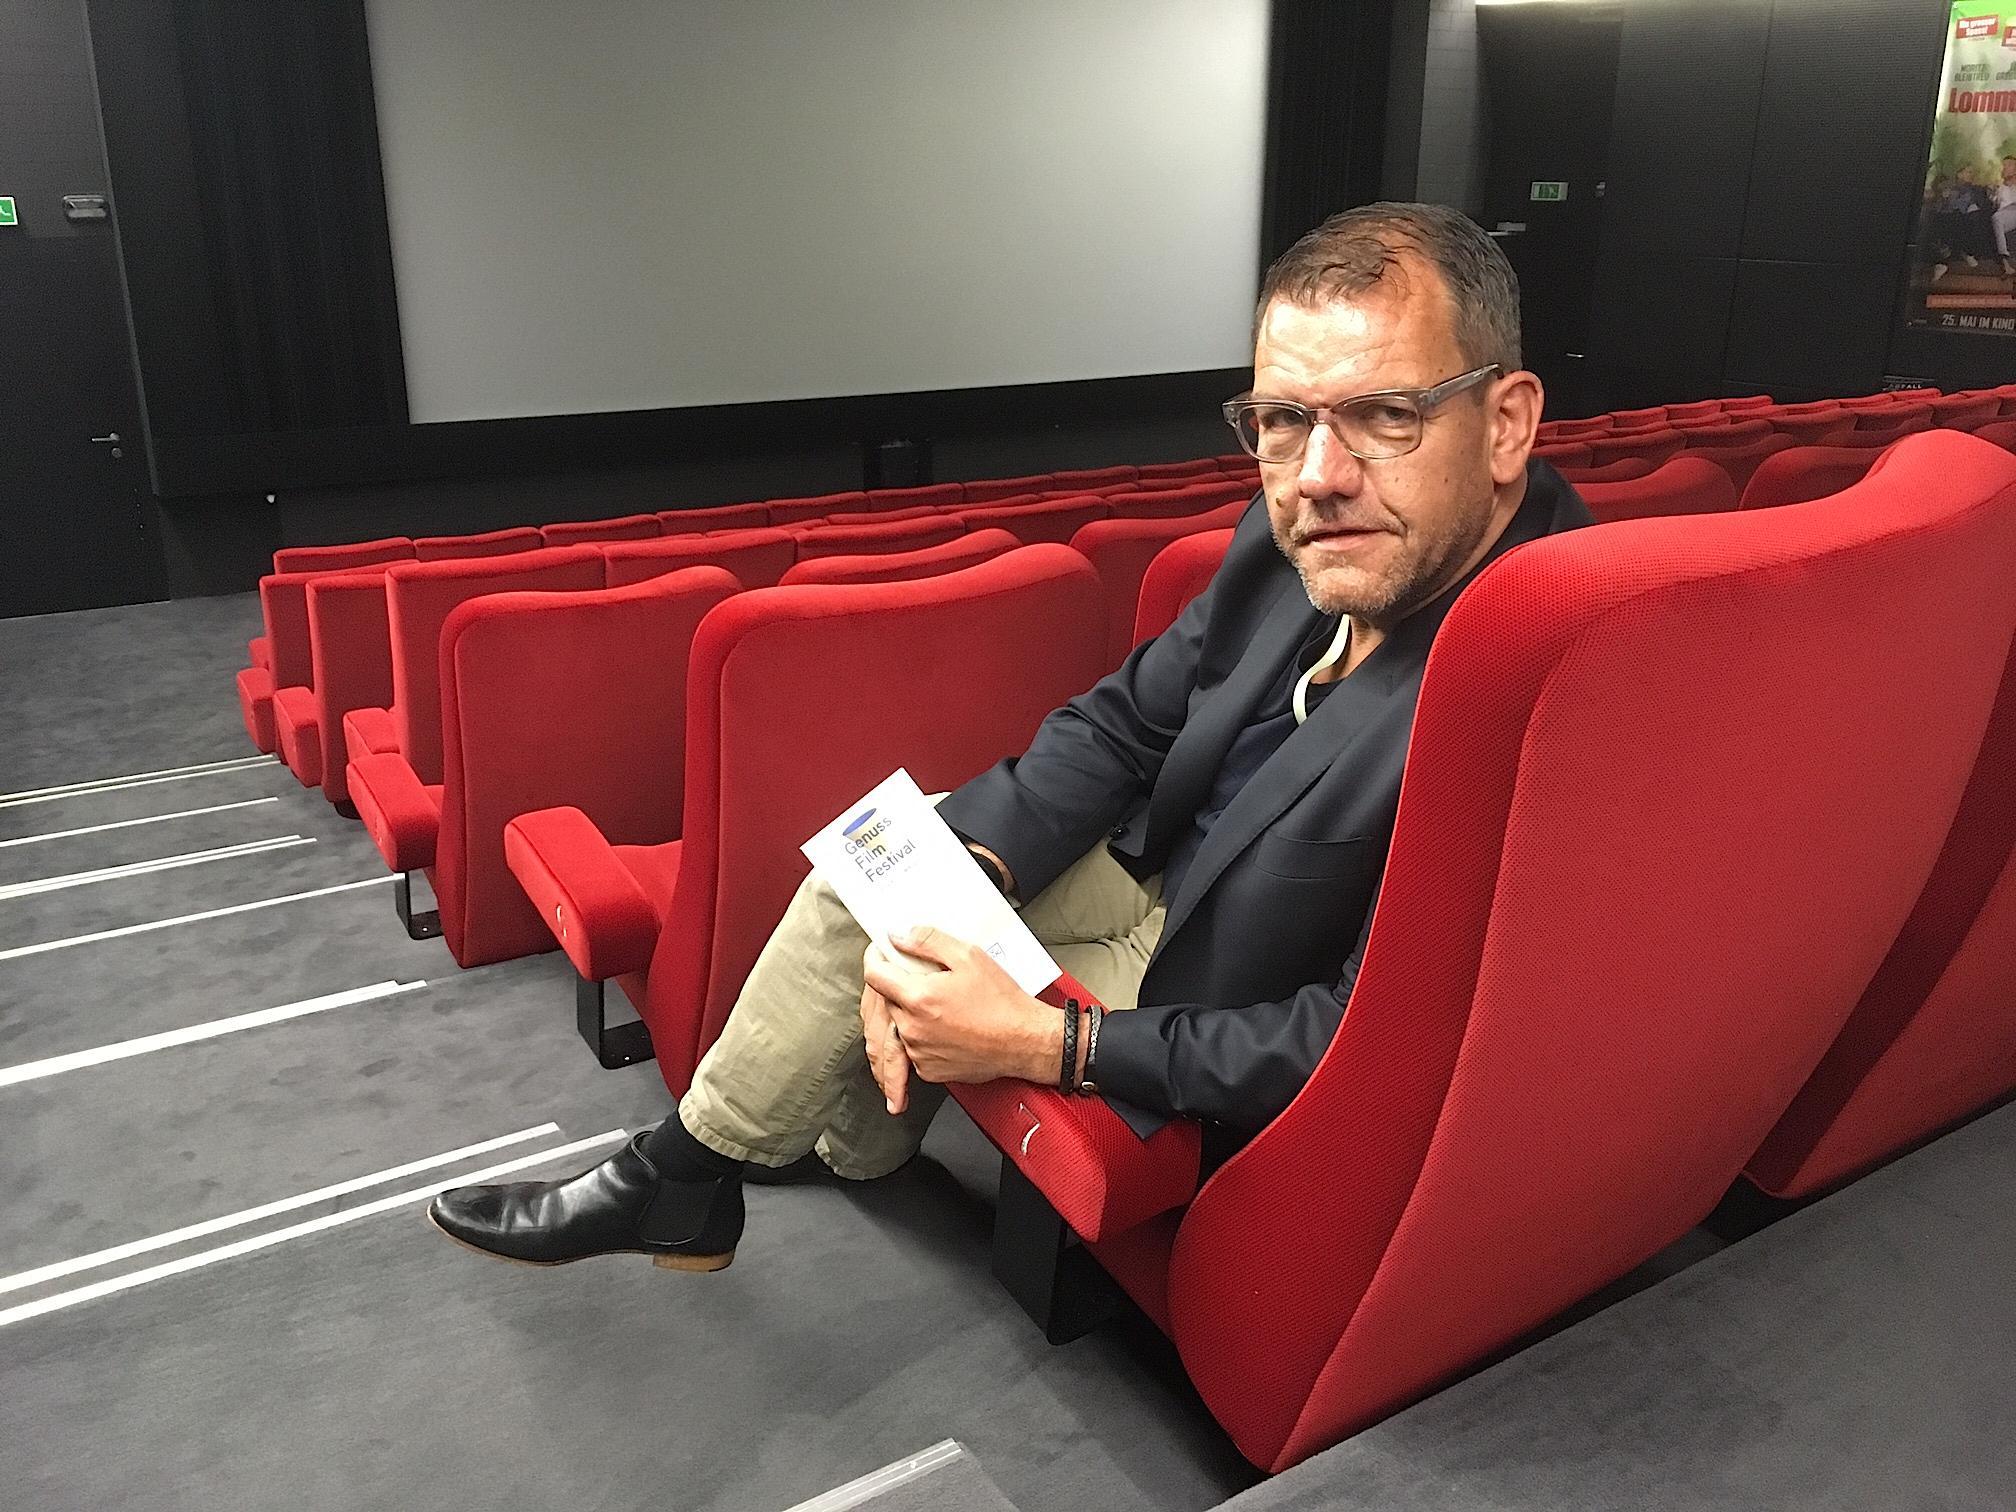 Matthias Luchsinger organisiert mit Erfolg das Zuger Genuss-Film-Festival. Er findet das sonntägliche Angebot etwas «betrüblich».